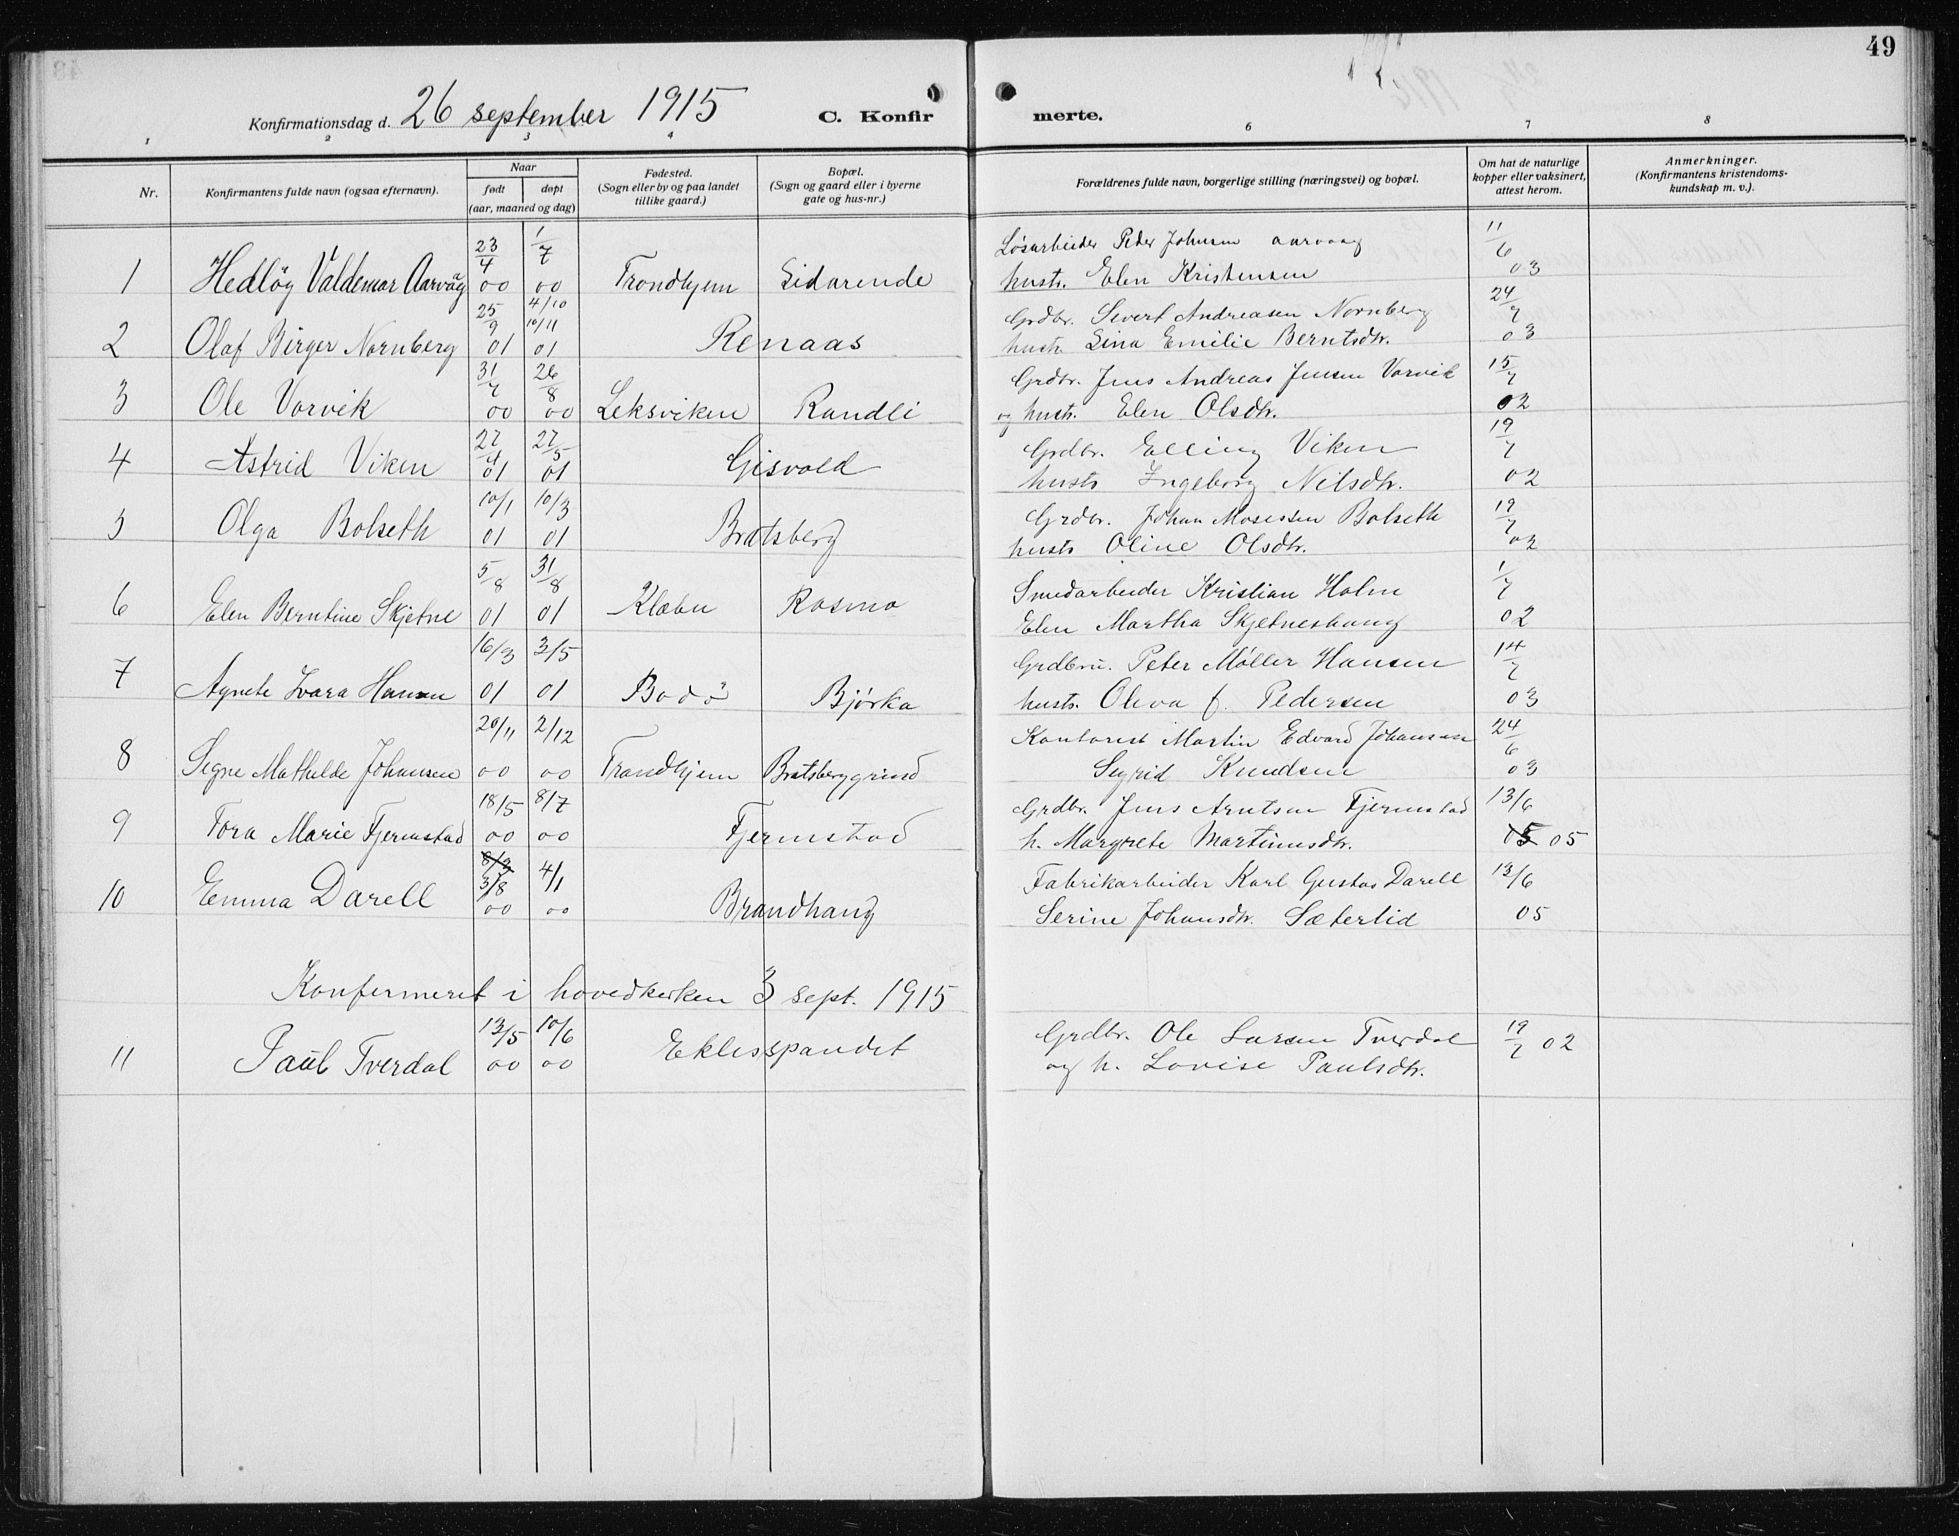 SAT, Ministerialprotokoller, klokkerbøker og fødselsregistre - Sør-Trøndelag, 608/L0342: Klokkerbok nr. 608C08, 1912-1938, s. 49